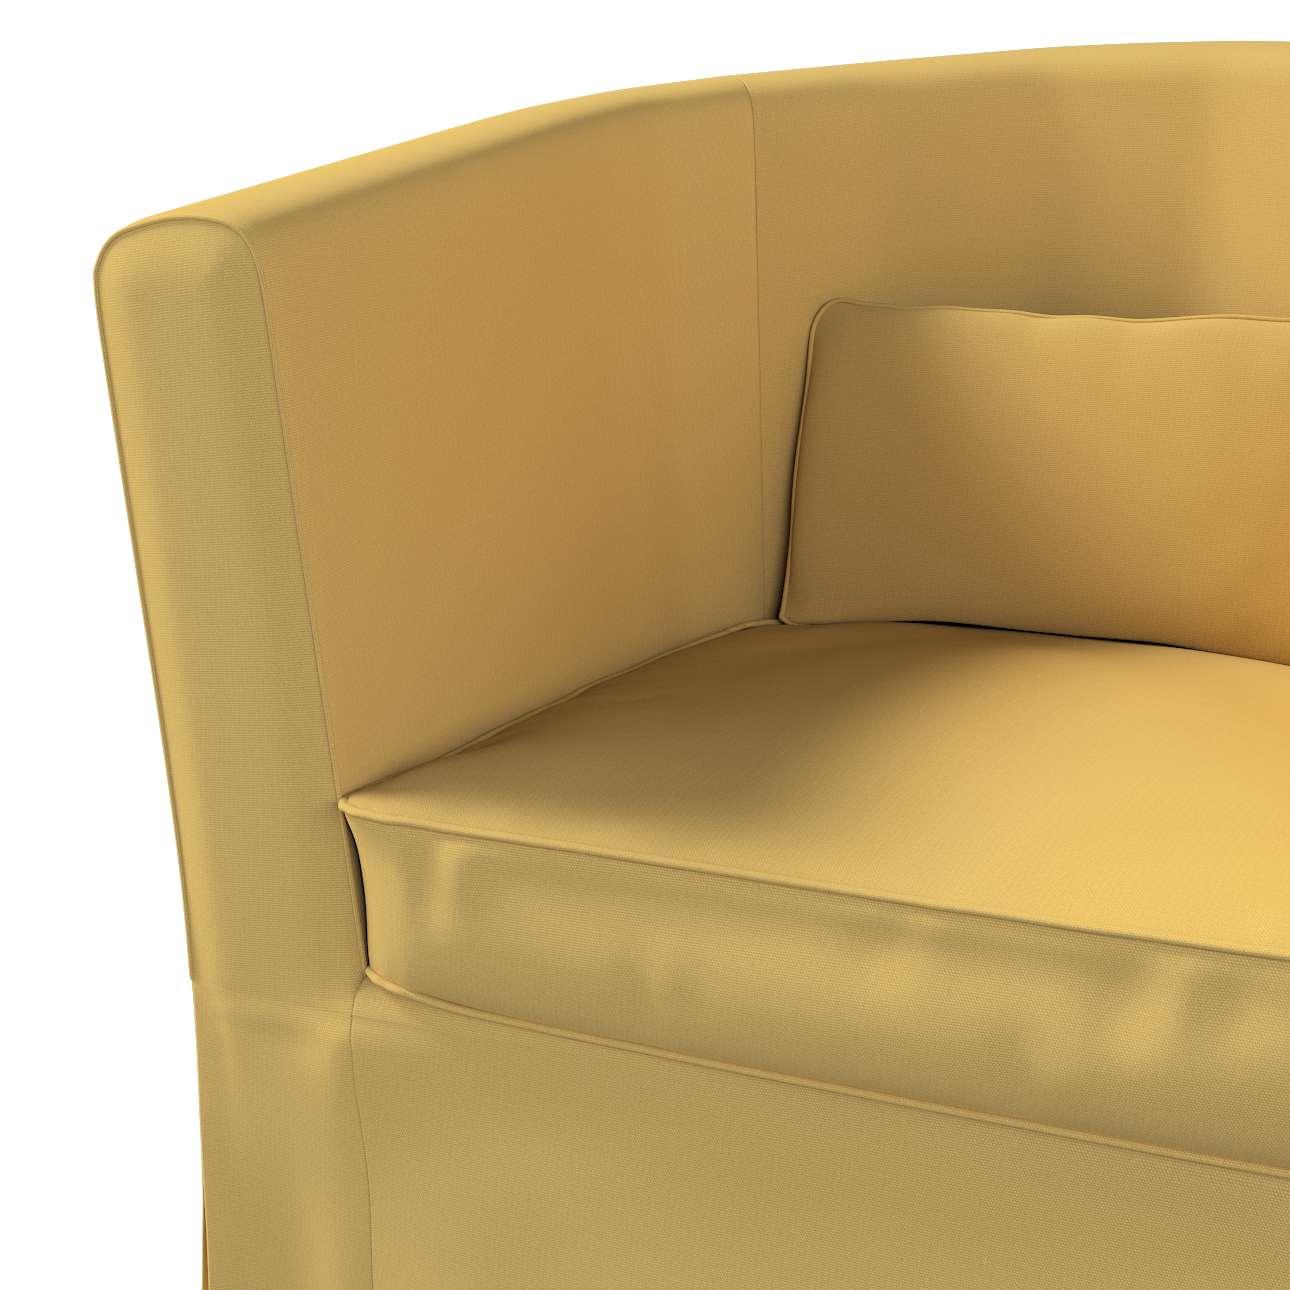 Pokrowiec na fotel Ektorp Tullsta w kolekcji Cotton Panama, tkanina: 702-41